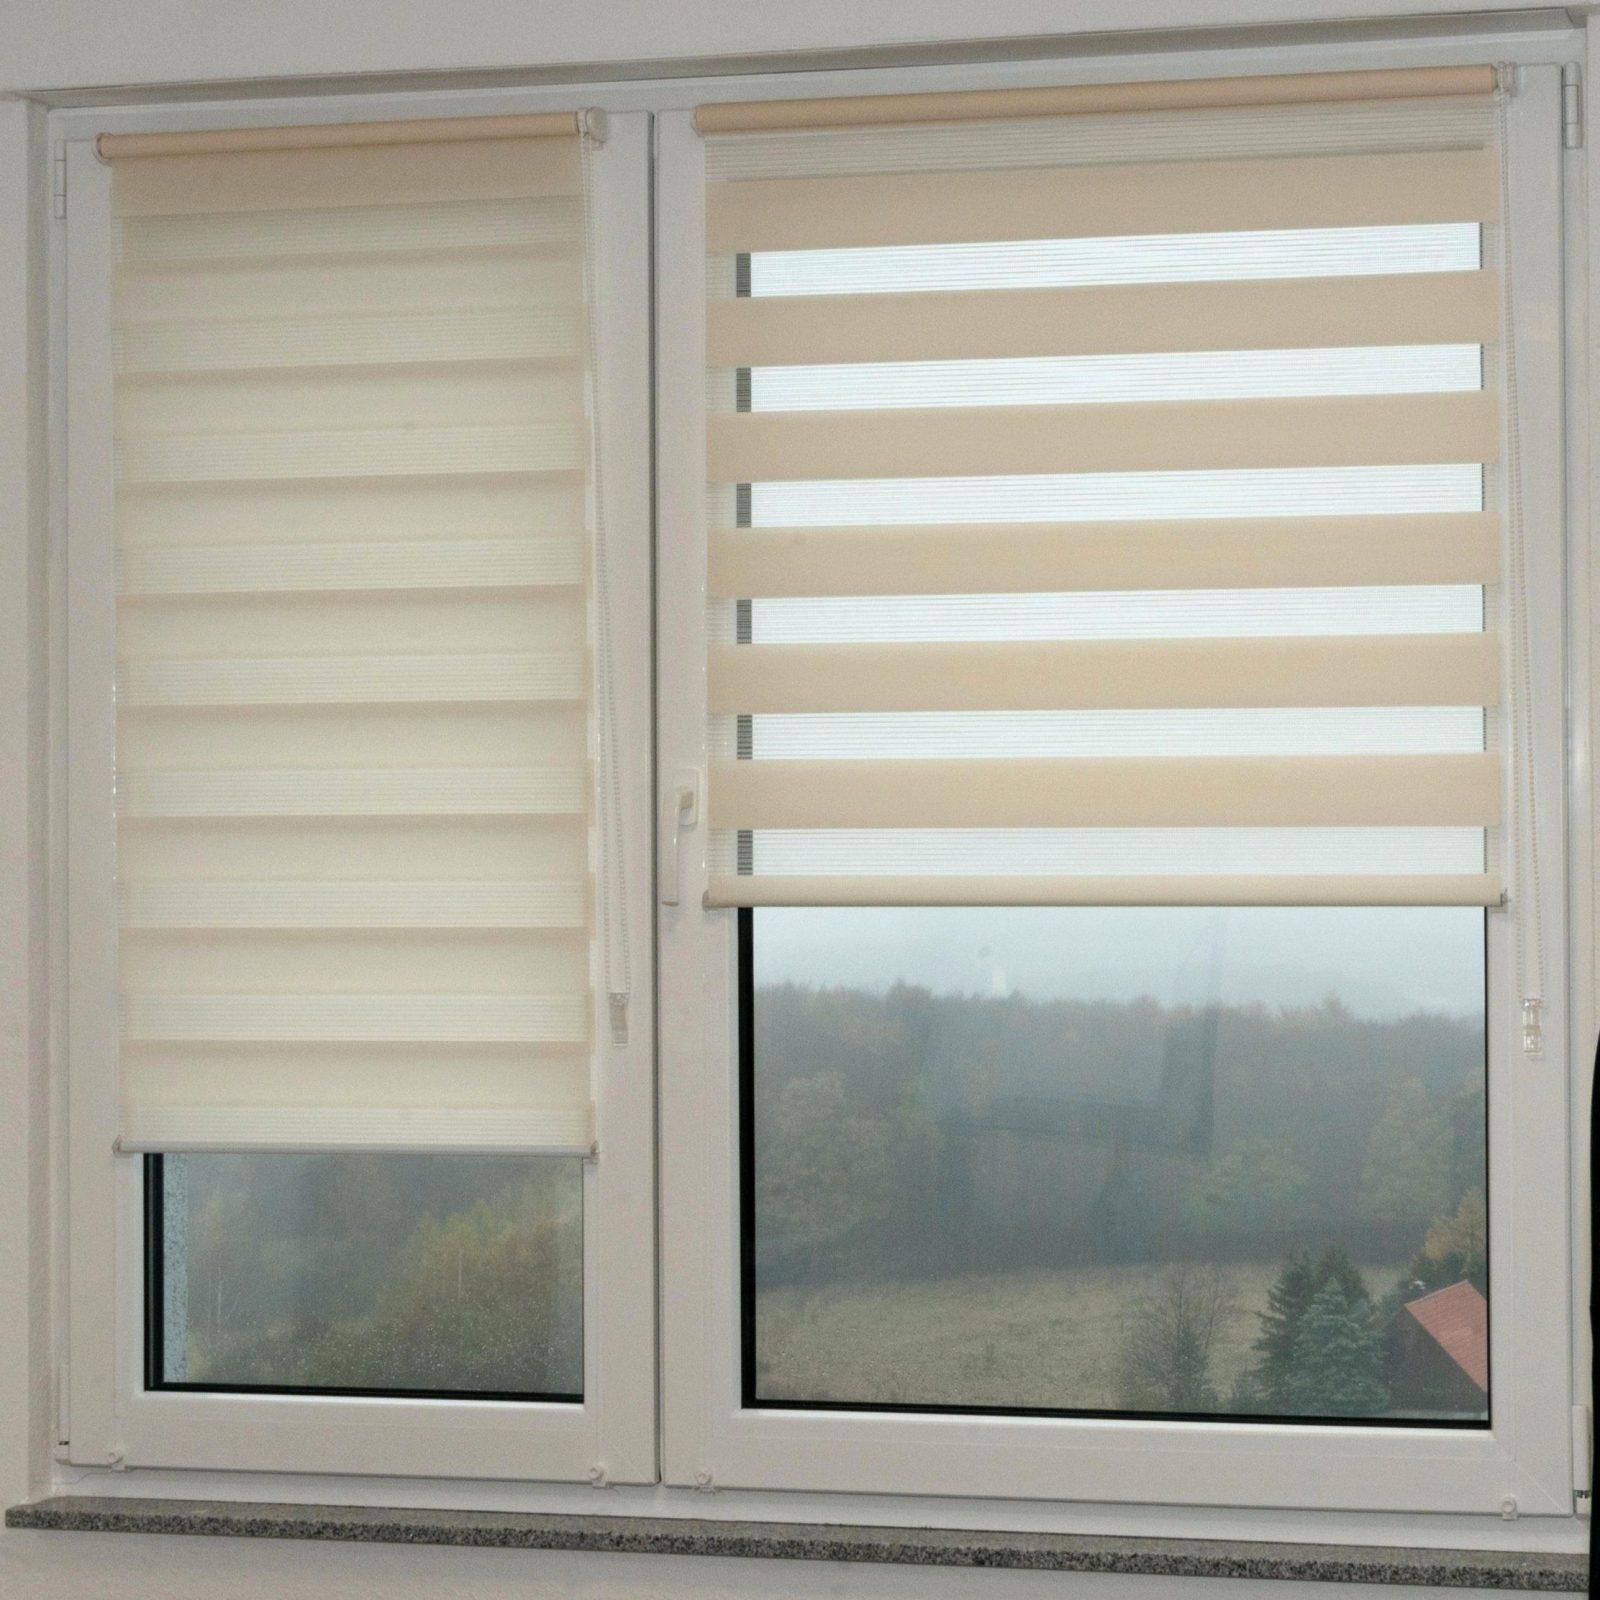 Ziemlich Fenster Jalousien Innen Ohne Bohren Rollos Fabulous von Fenster Jalousien Innen Ohne Bohren Bild